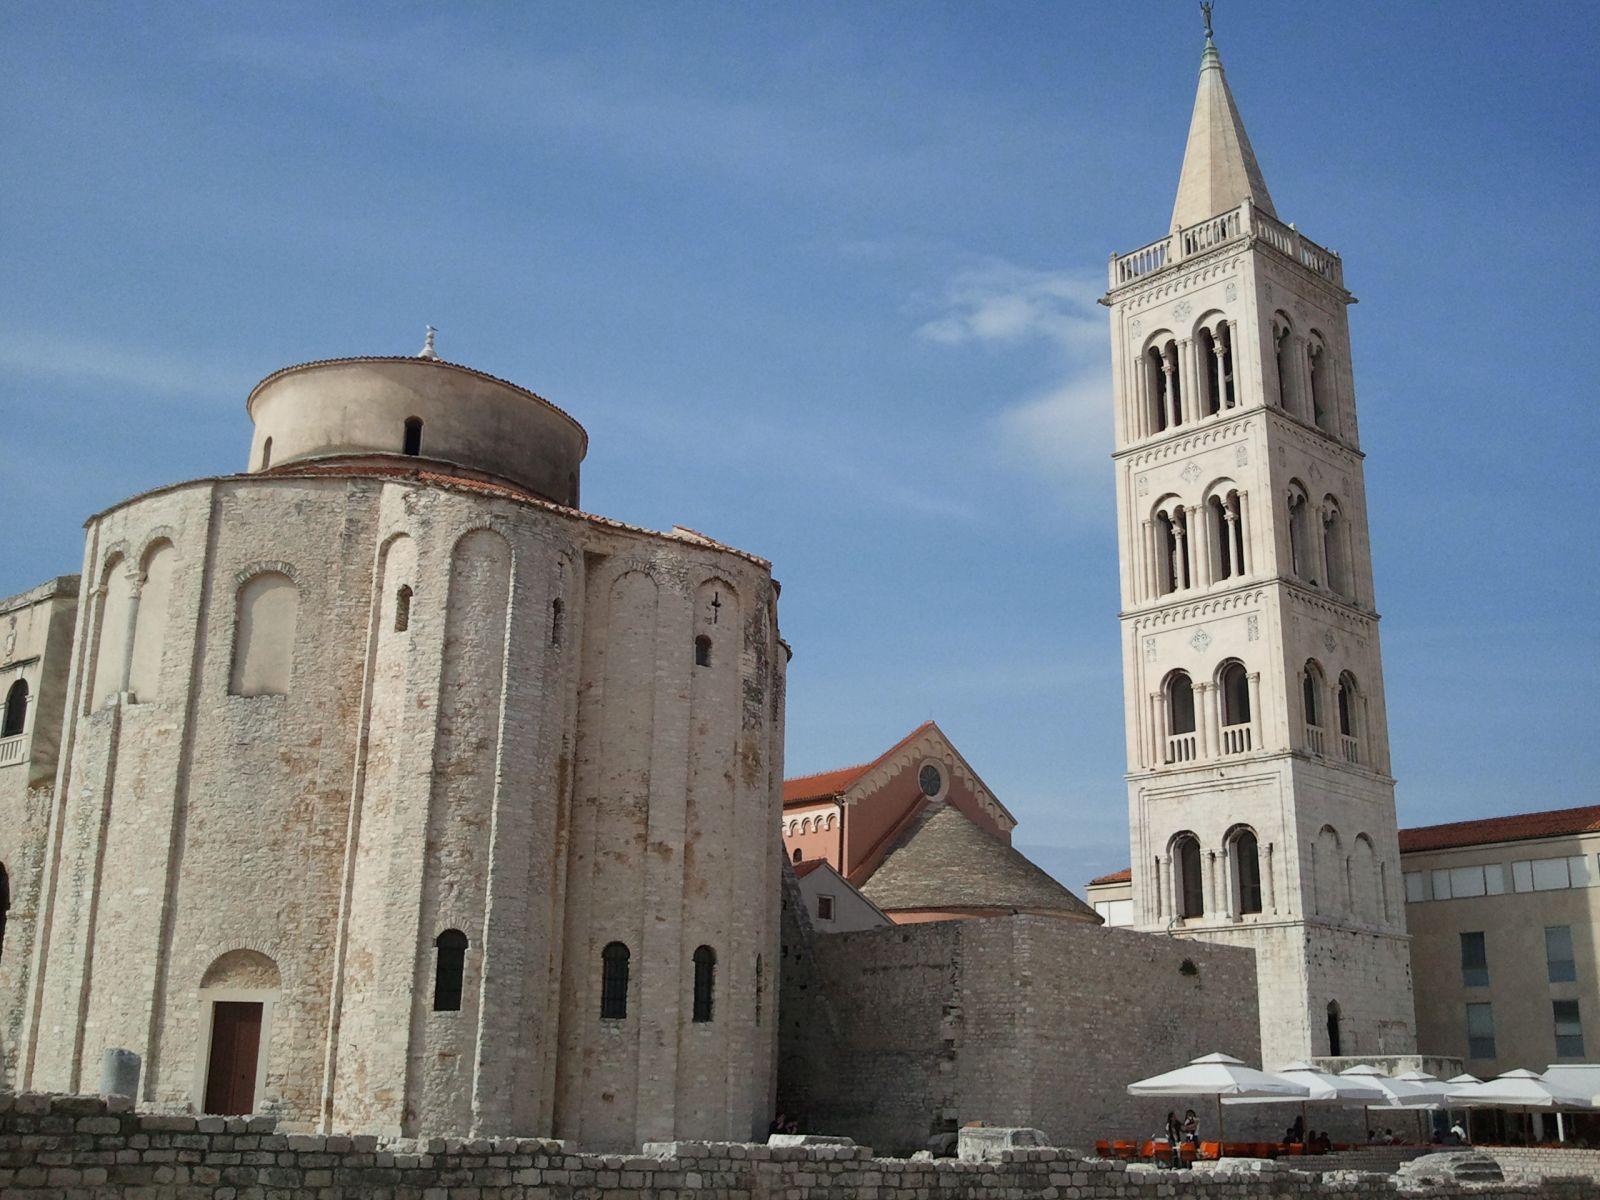 Ljepote sjeverne Dalmacije: Zadar: sv. Donat i katedrala